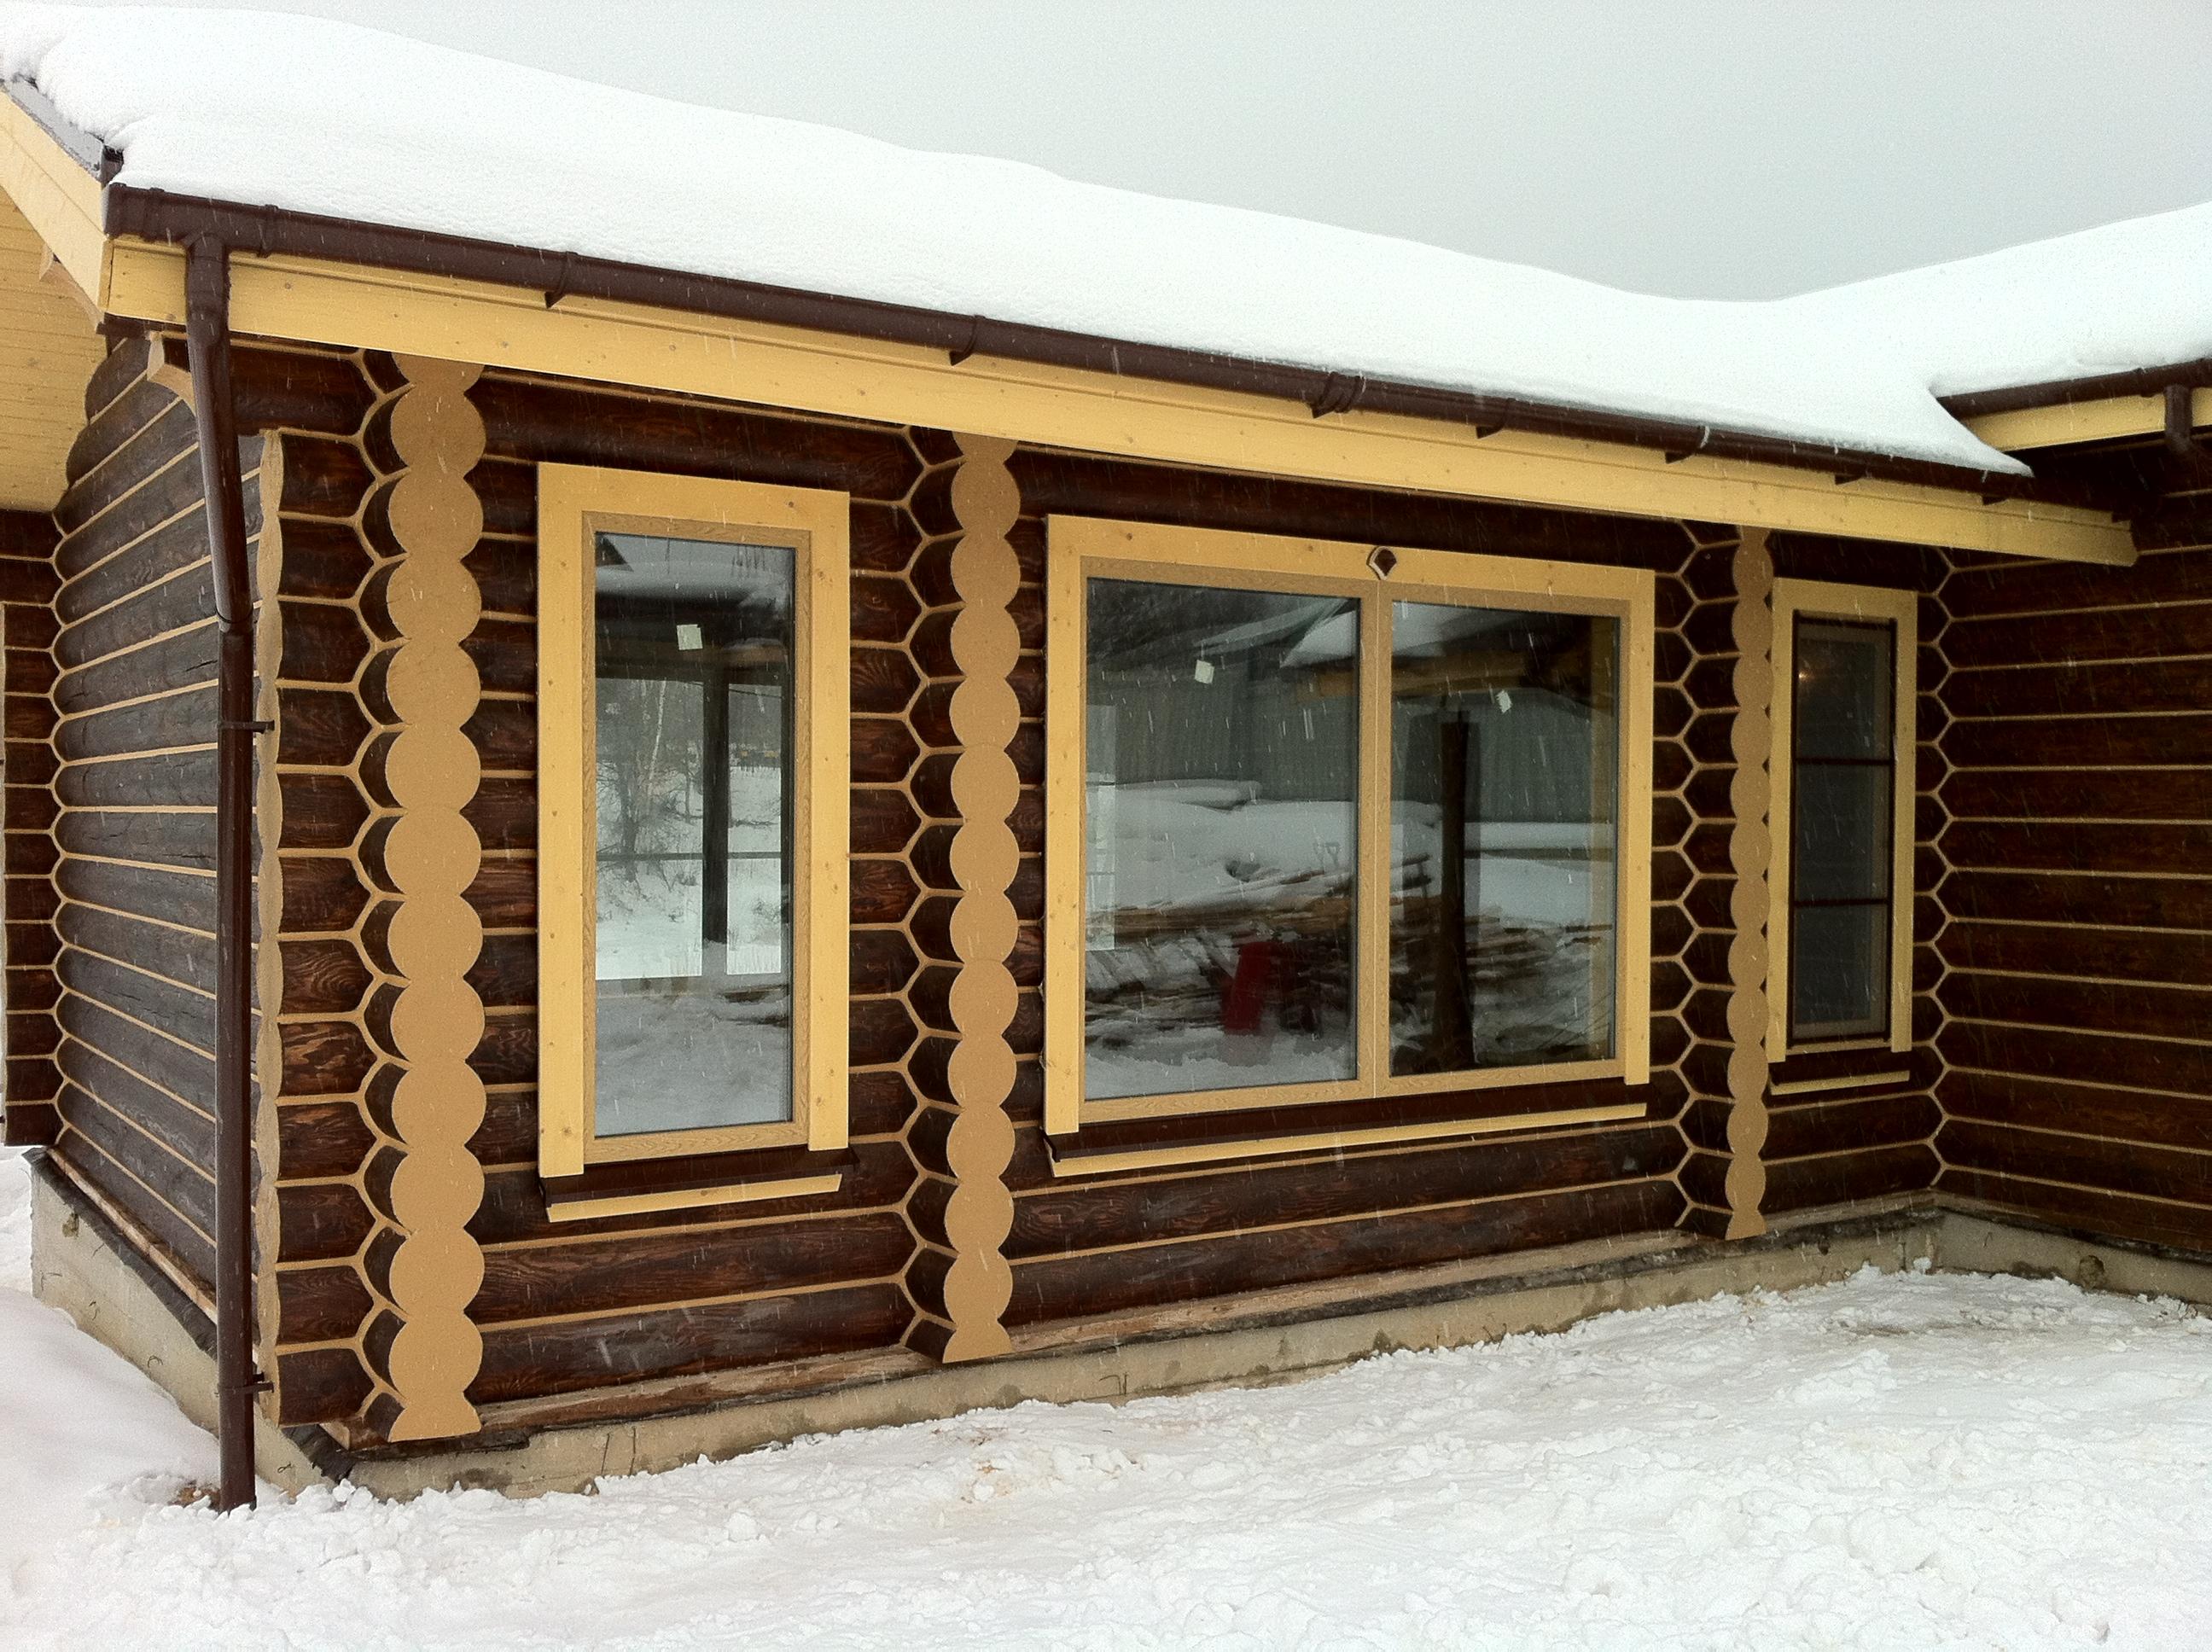 Бани из оцилиндрованного бревна (43 фото): деревянные двухэтажные дома-бани с мансардой, отзывы владельцев